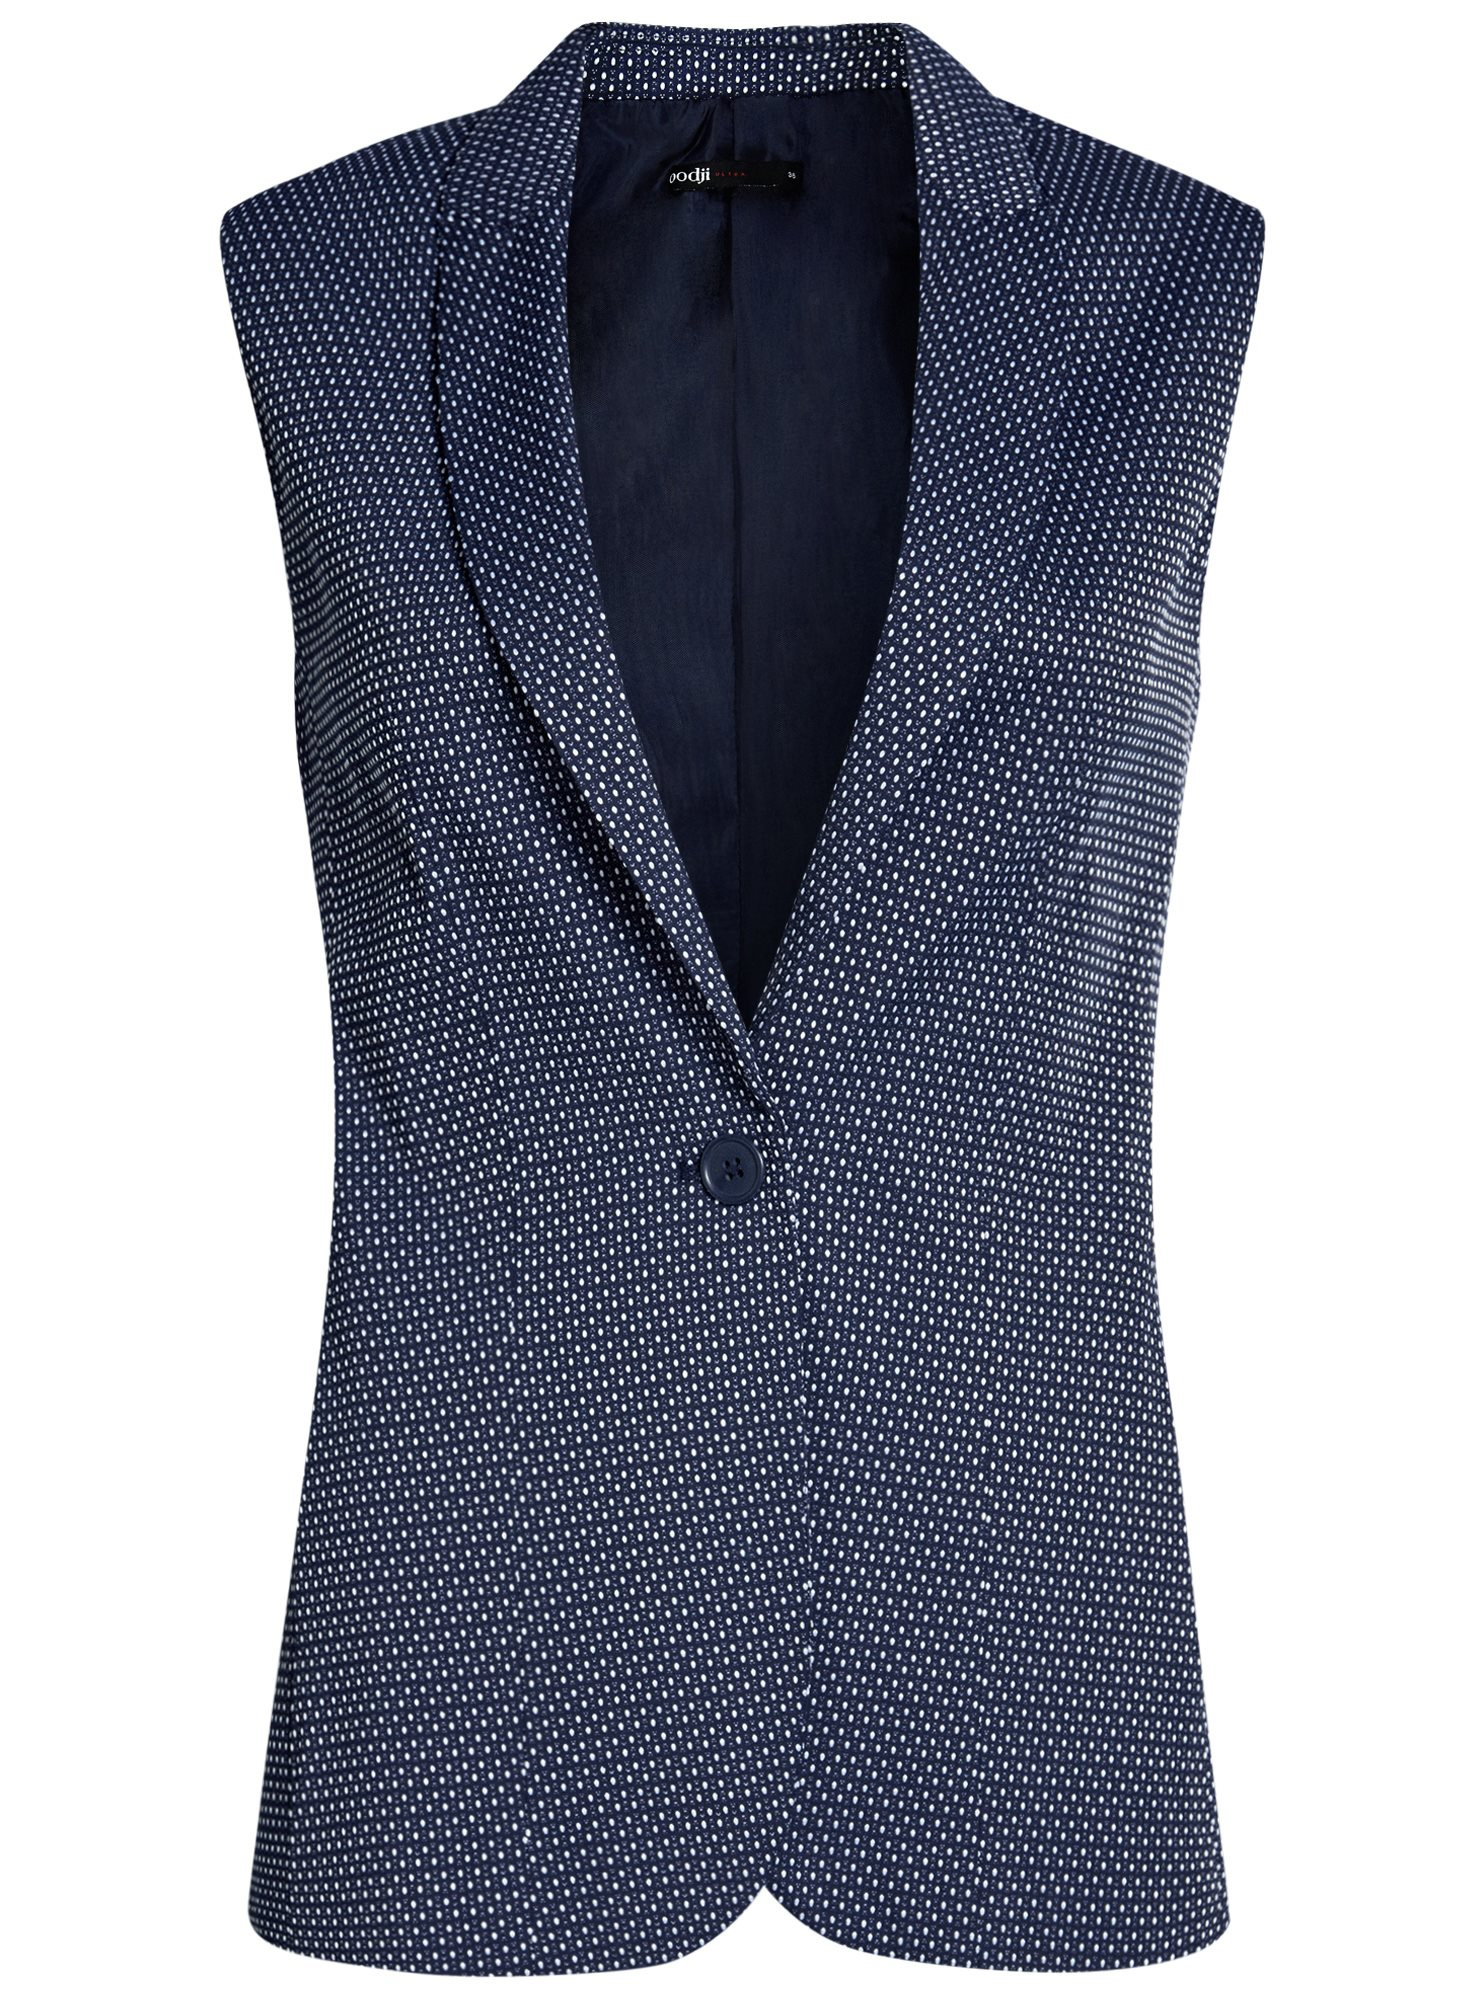 Жилет классический из фактурной ткани oodji для женщины (синий), 12300099-6/46373/7912D